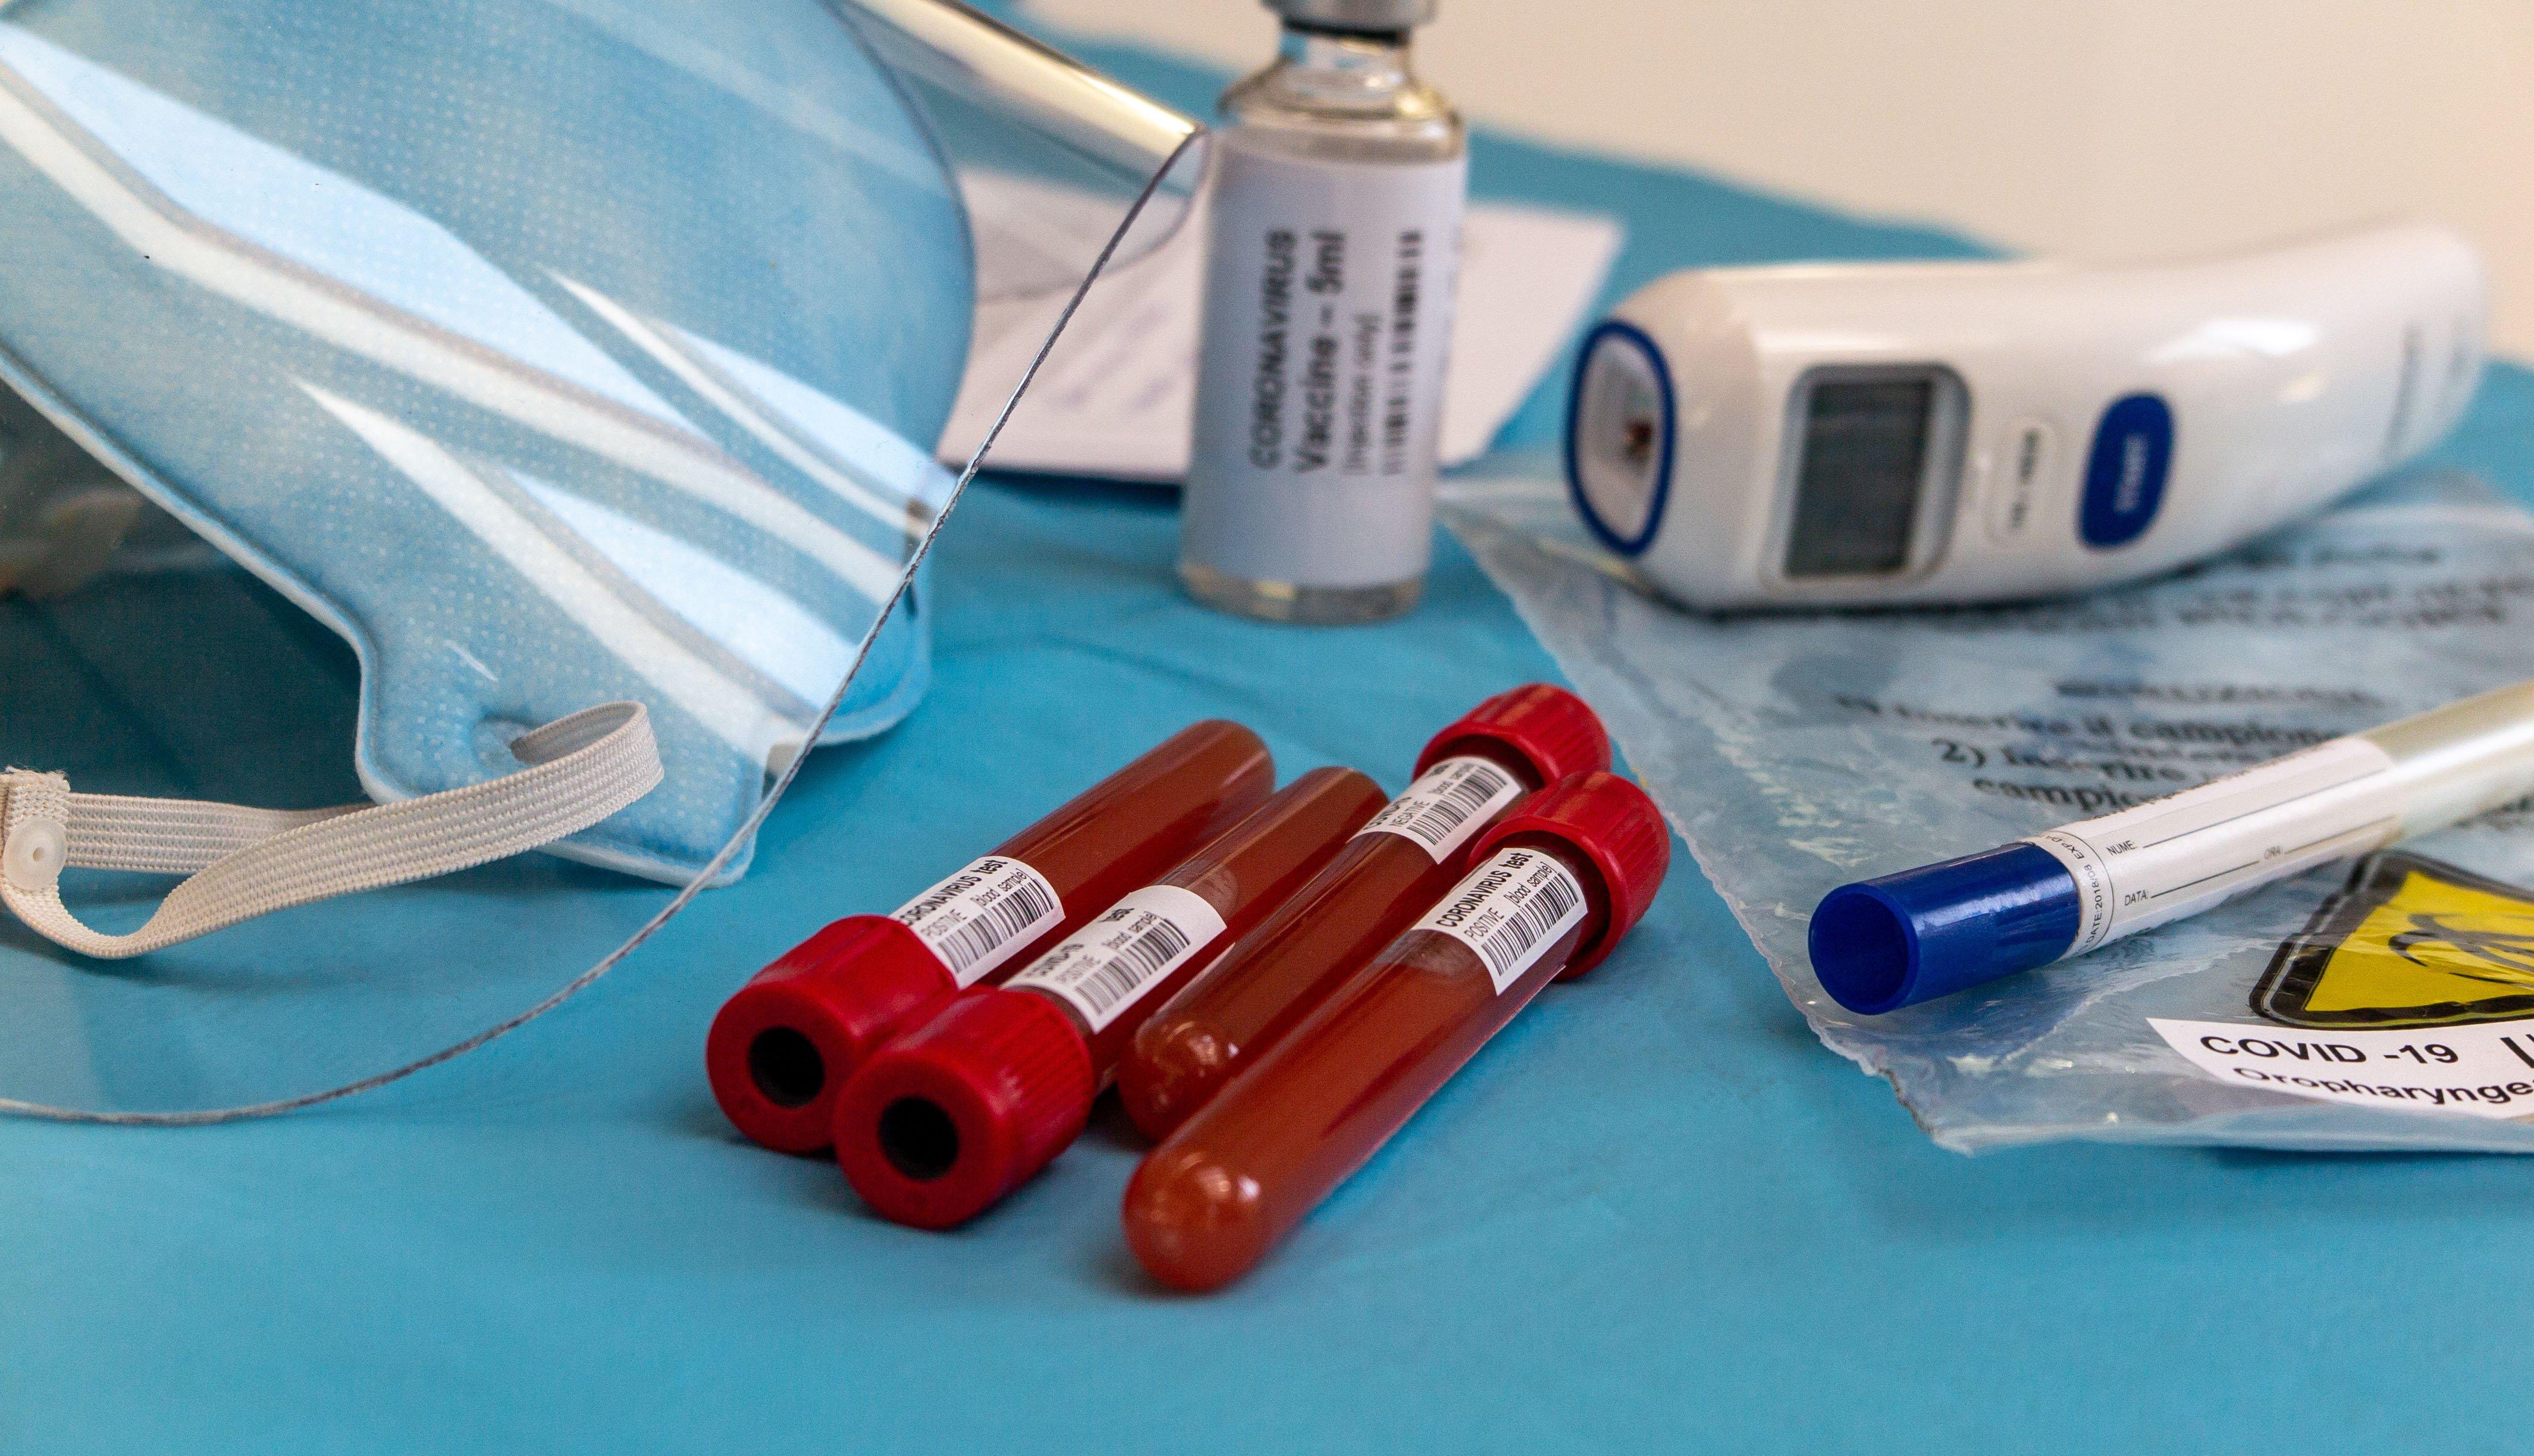 Tubos de ensayo con muestras de sangre sobre una mesa y otros artículos de laboratorio